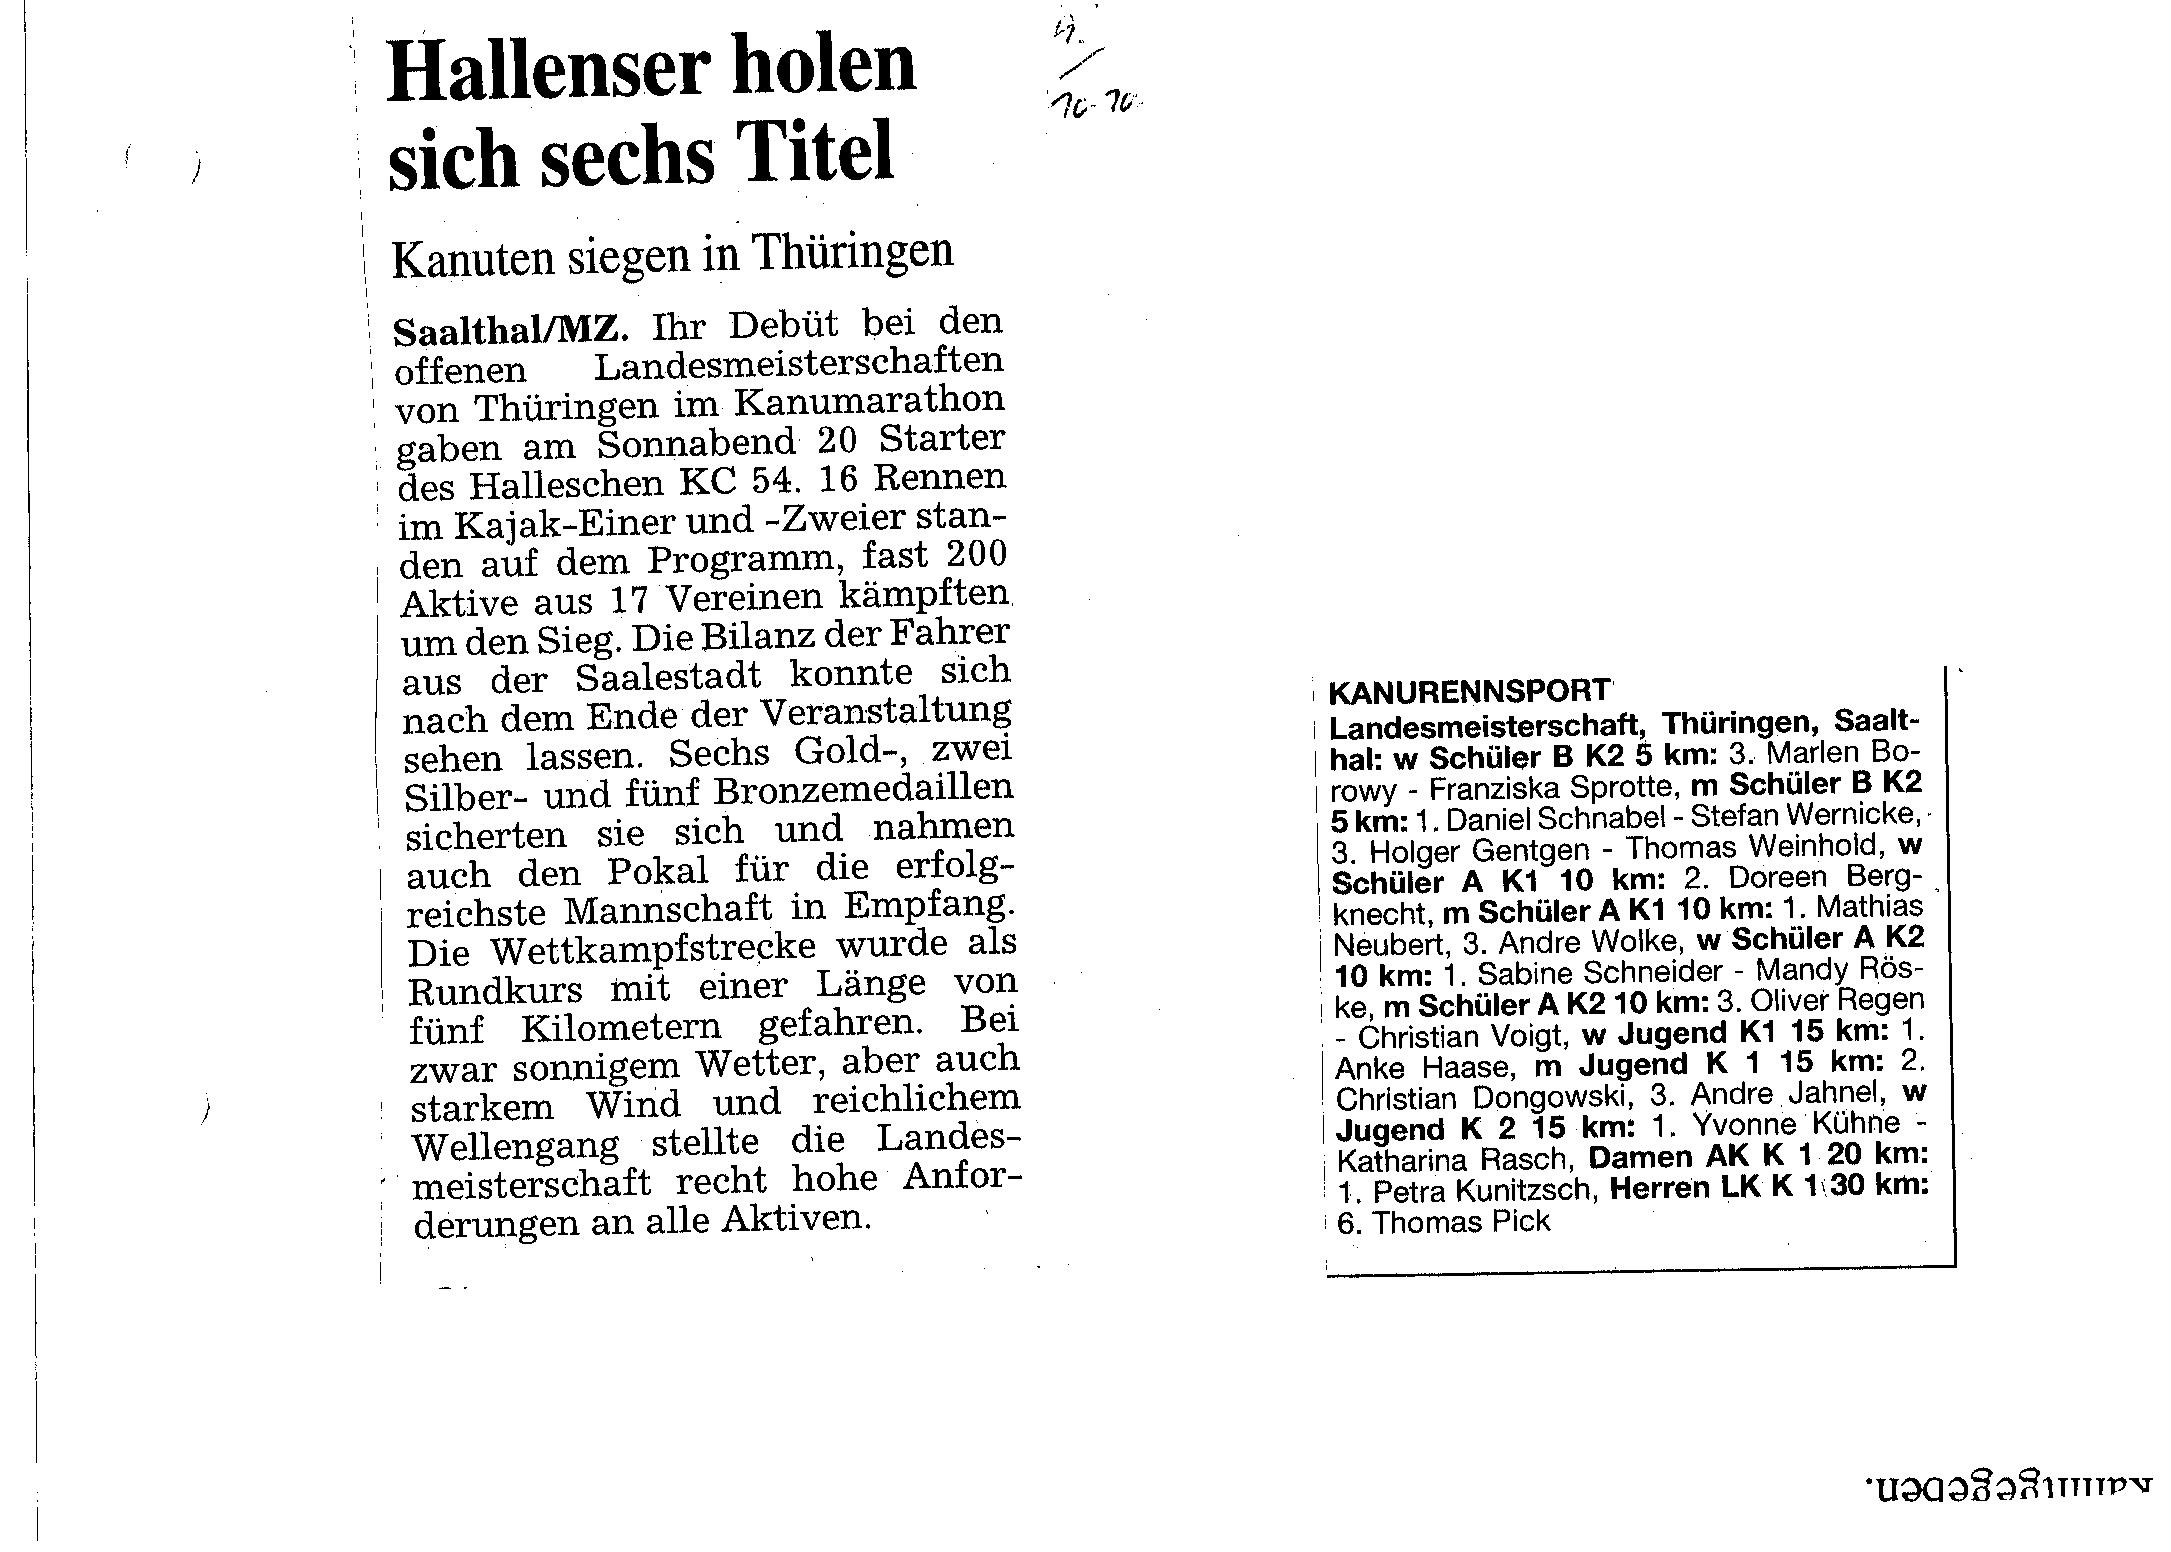 1995-10 Hallenser holen sich sechs Titel